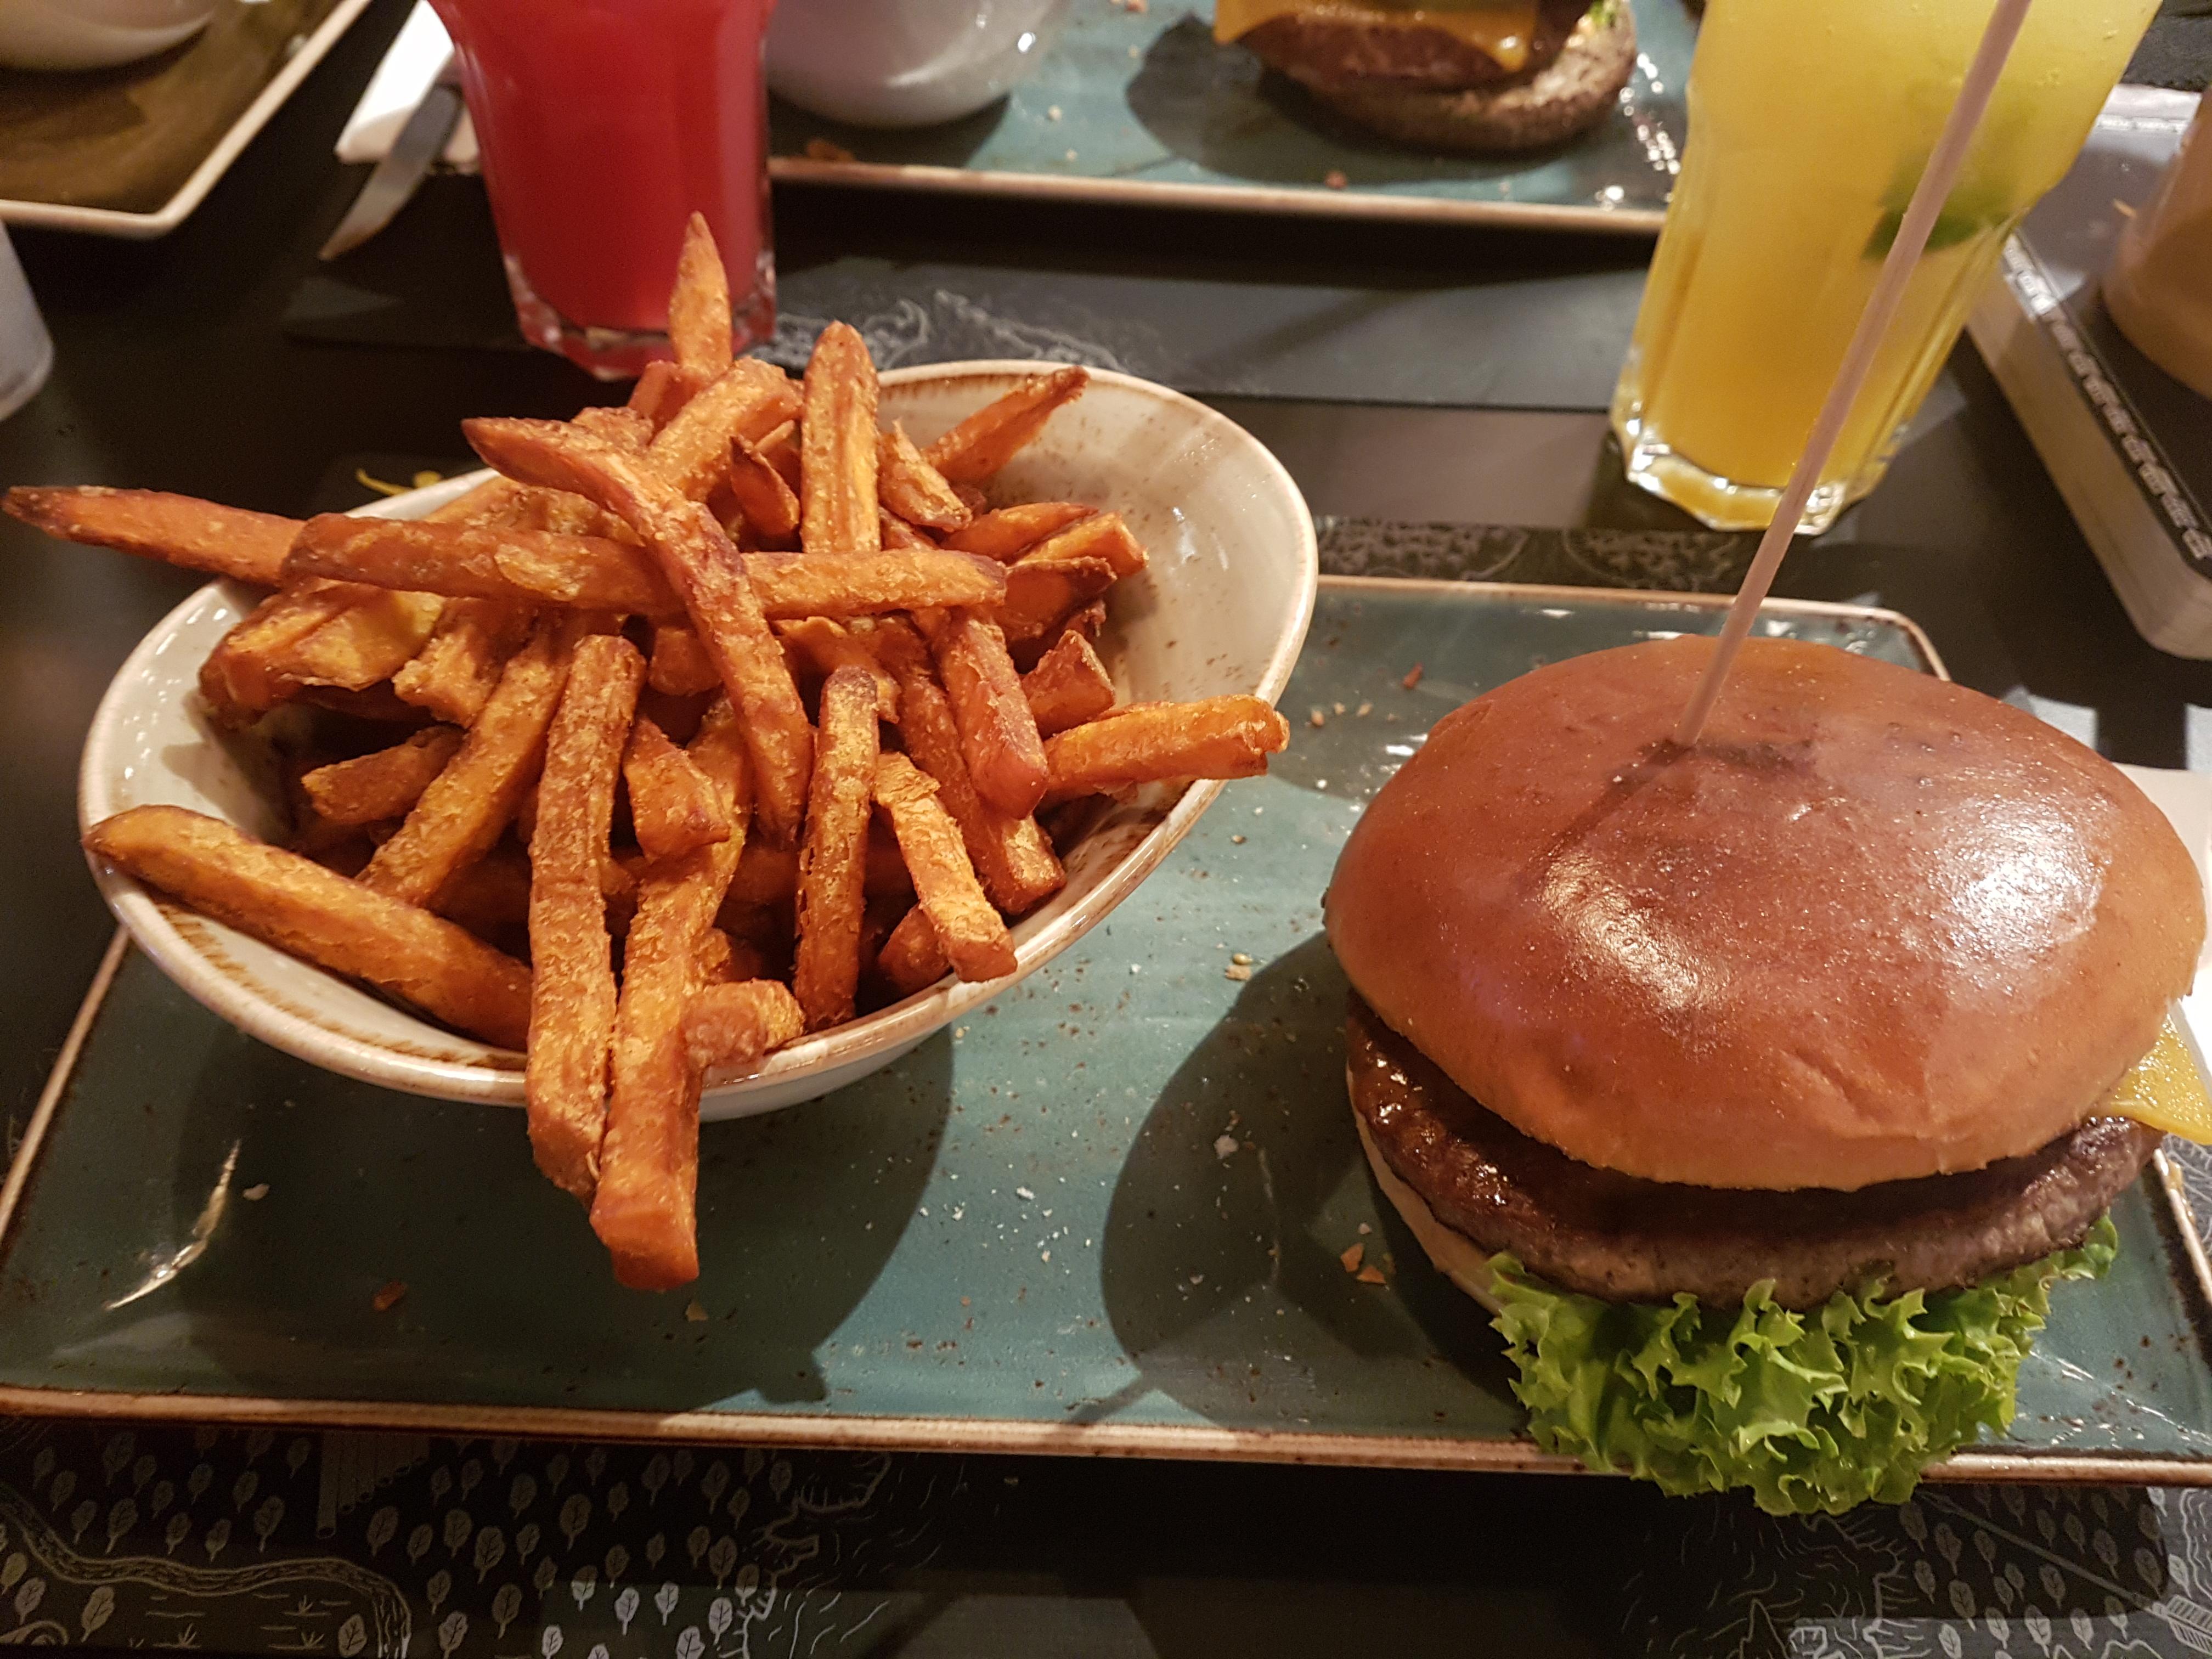 https://foodloader.net/Holz_2019-06-01_Burger_mit_Pommes.jpg